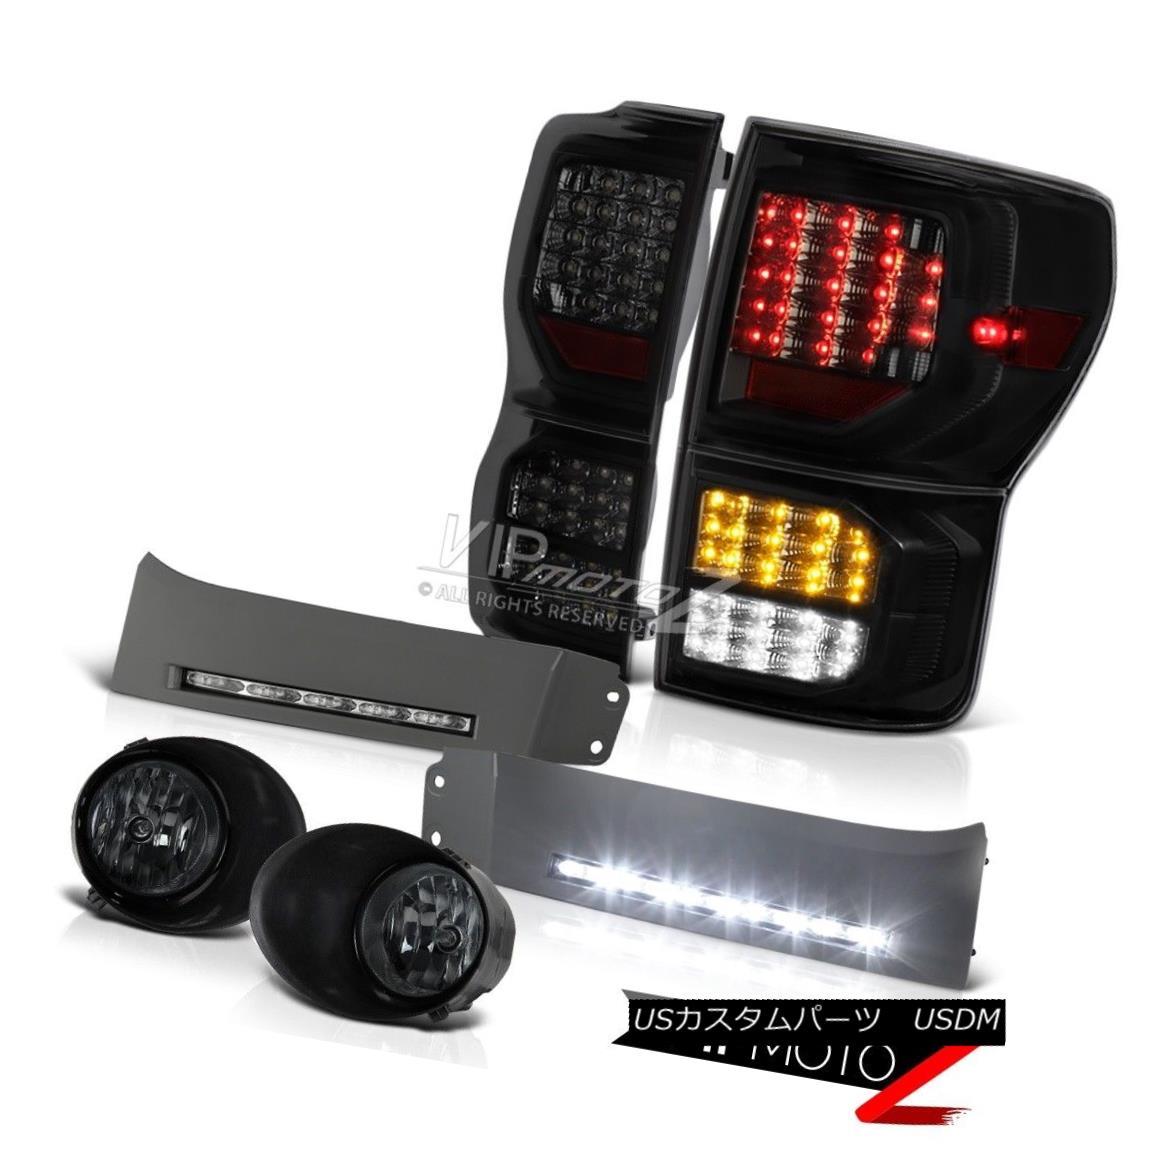 テールライト 07-13 Toyota Tundra SR5 Taillights Bumper DRL Smokey Foglamps SMD